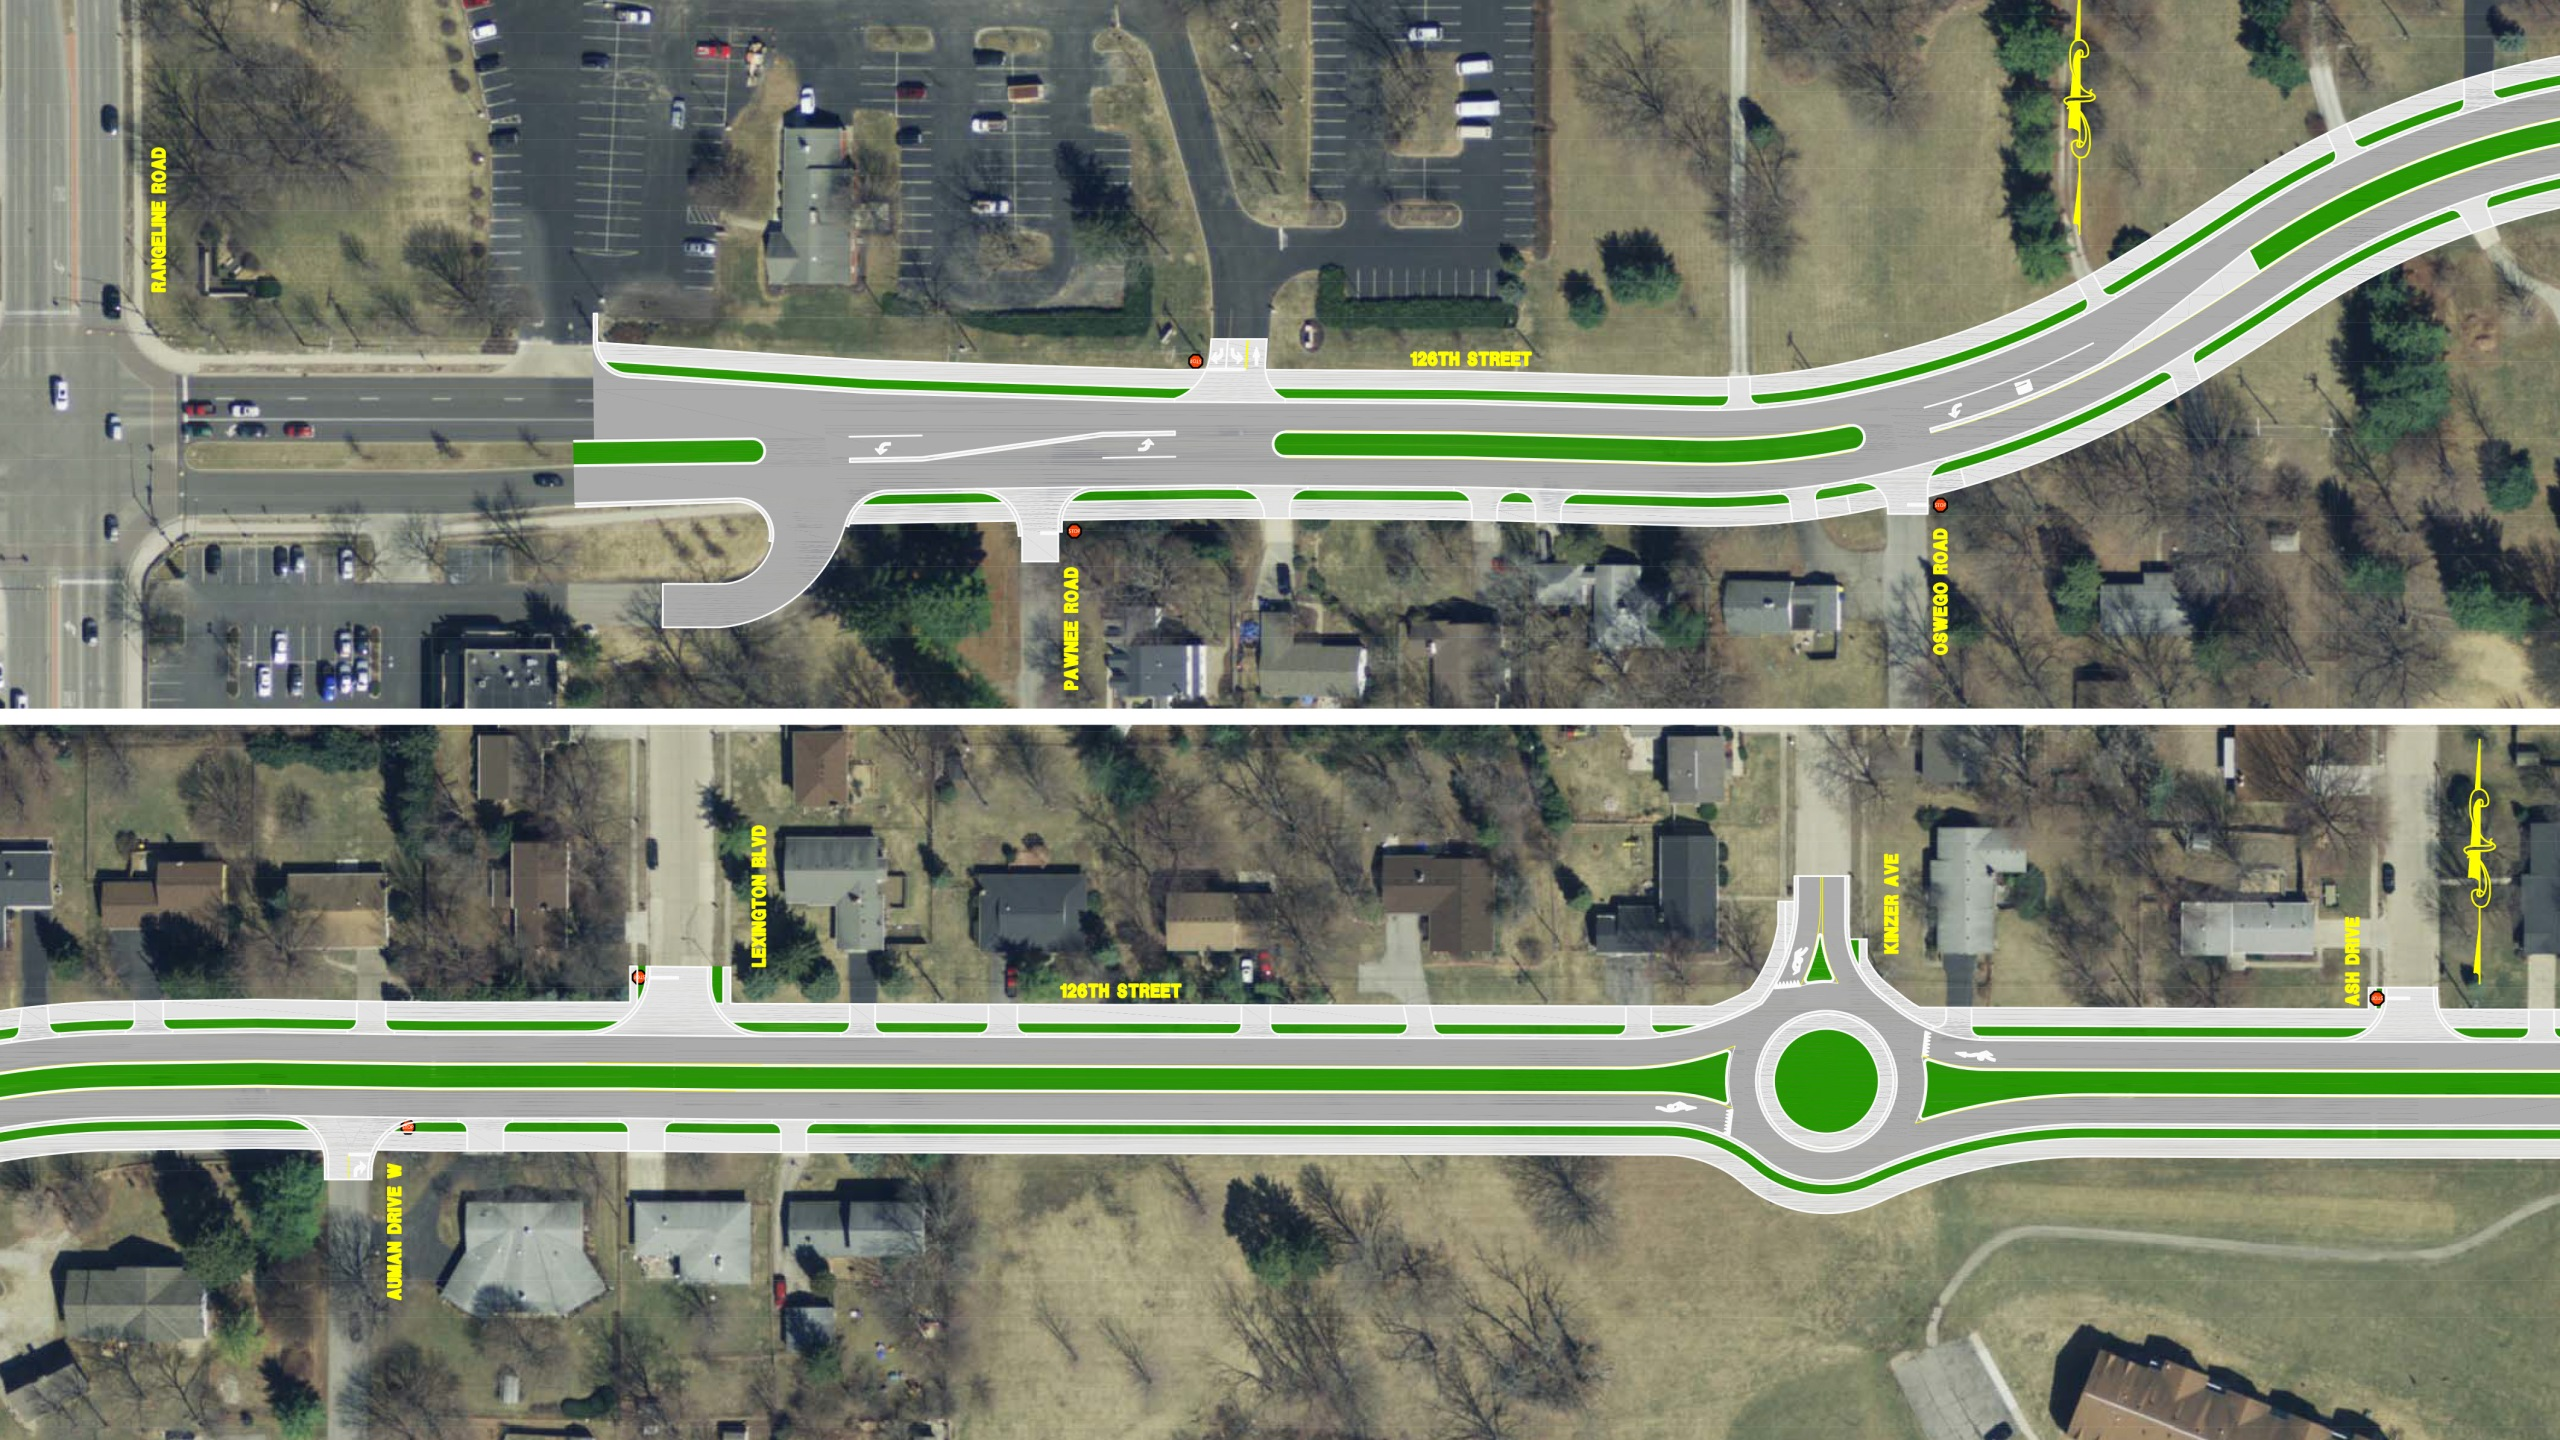 Lexington Tv Kast.New Traffic Pattern Change Now In Effect On 126th Street In Carmel